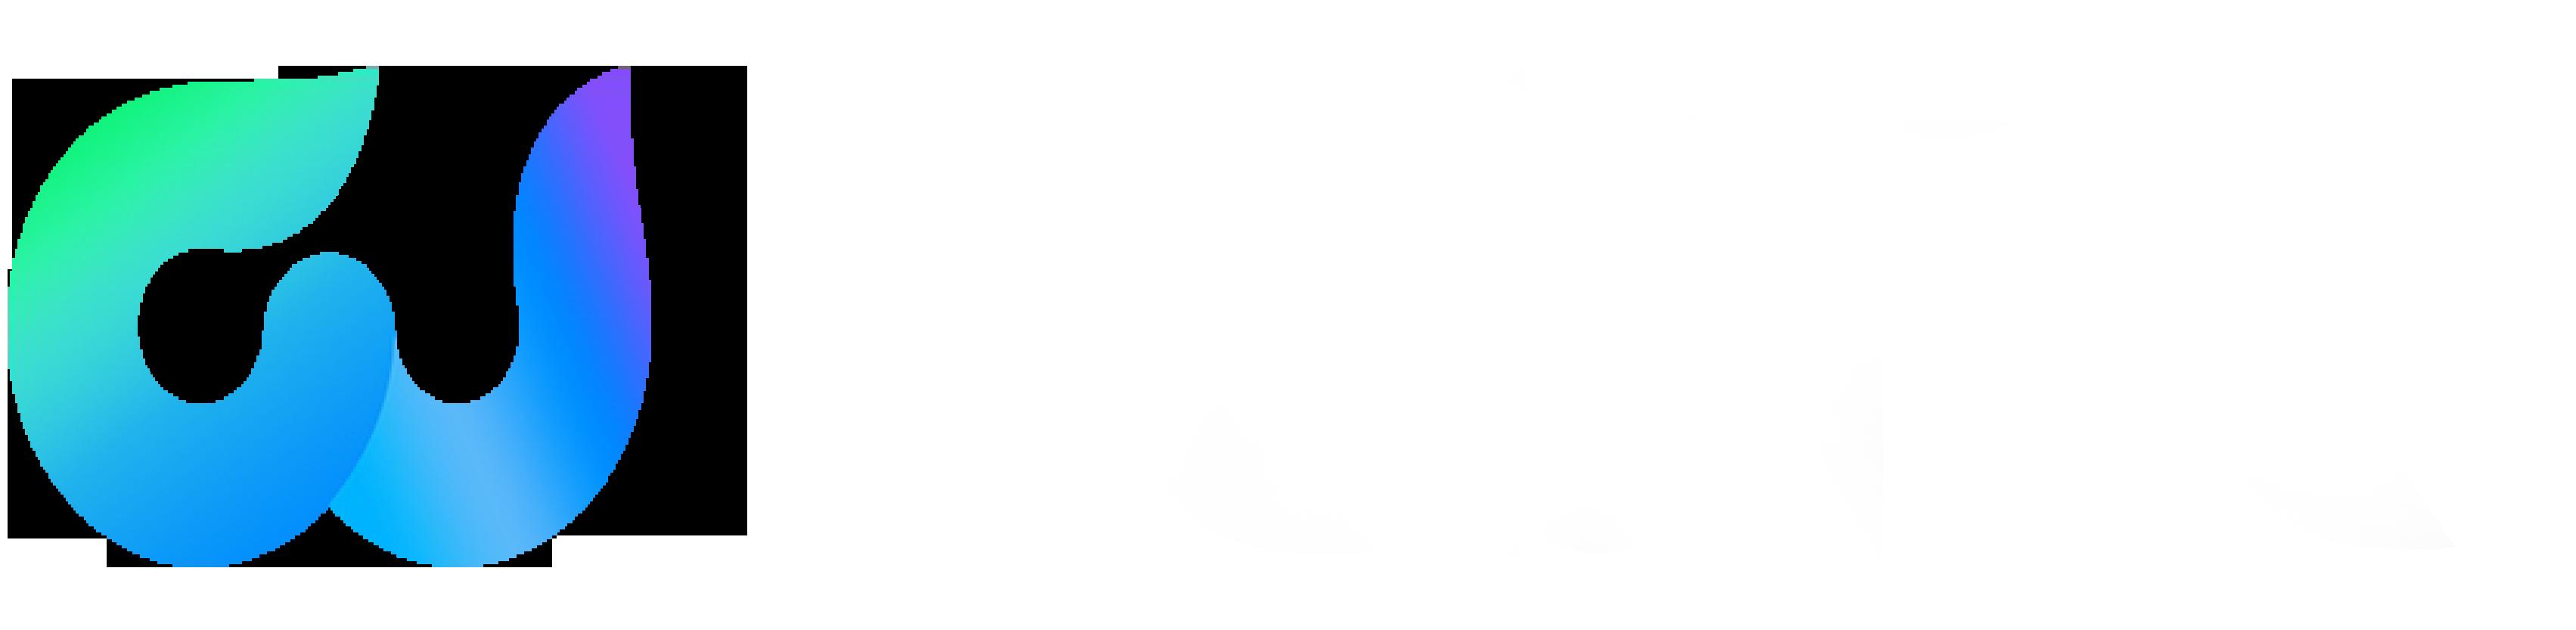 Webyte Desenvolvimentos